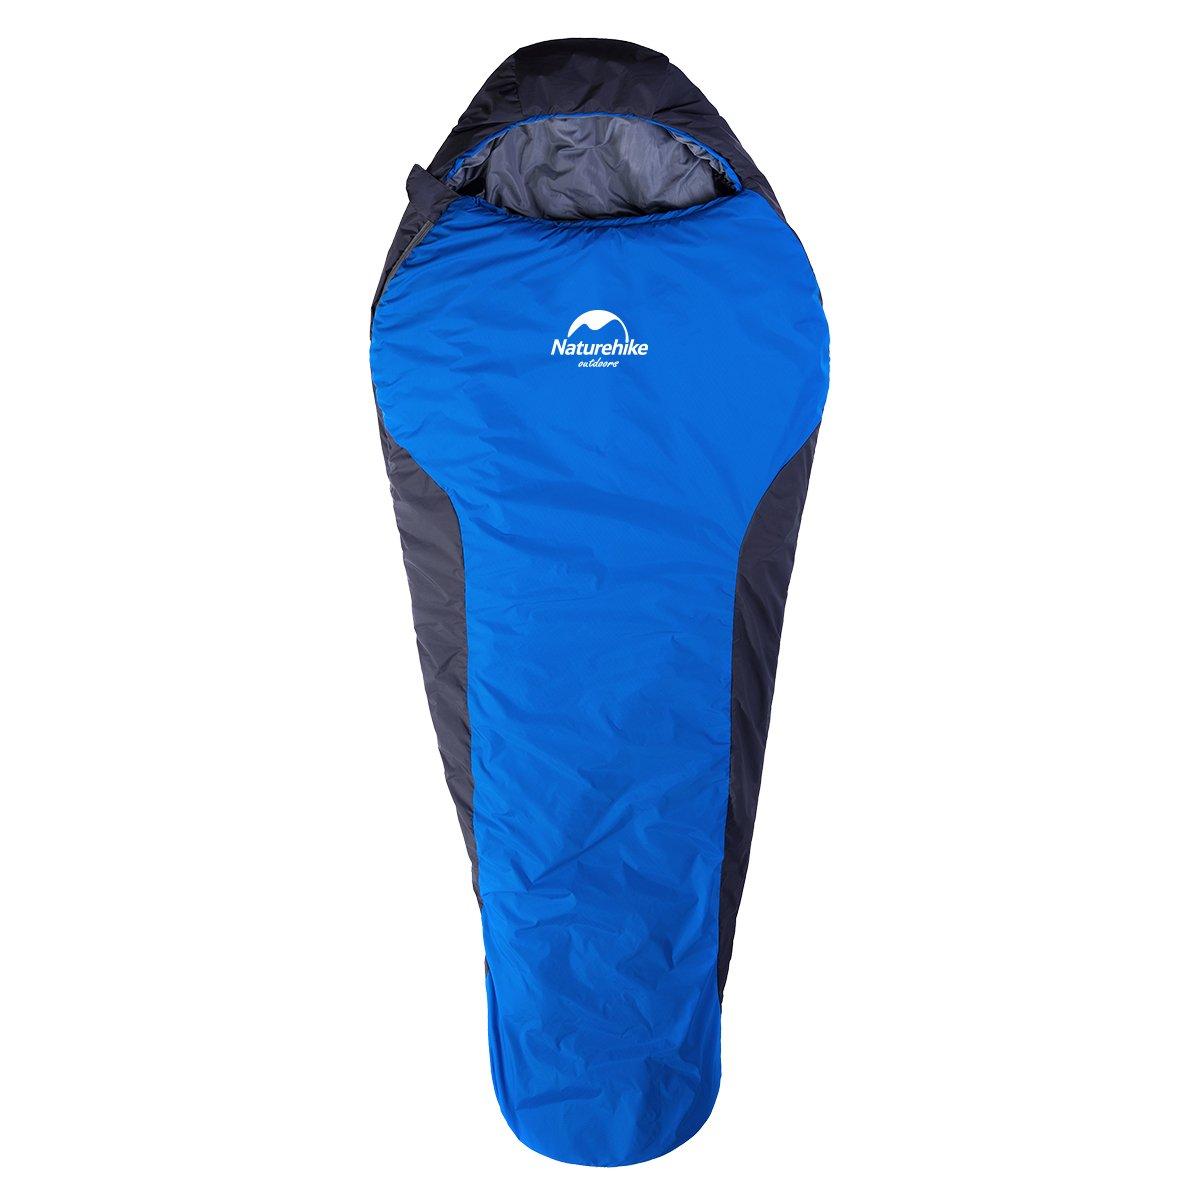 Maturehike Saco de dormir momia para 3 estaciones para 0ºC, impermeable, ligero, transpirable y cómodo, para deporte, aventura, Camping (Azul-izquierda): ...